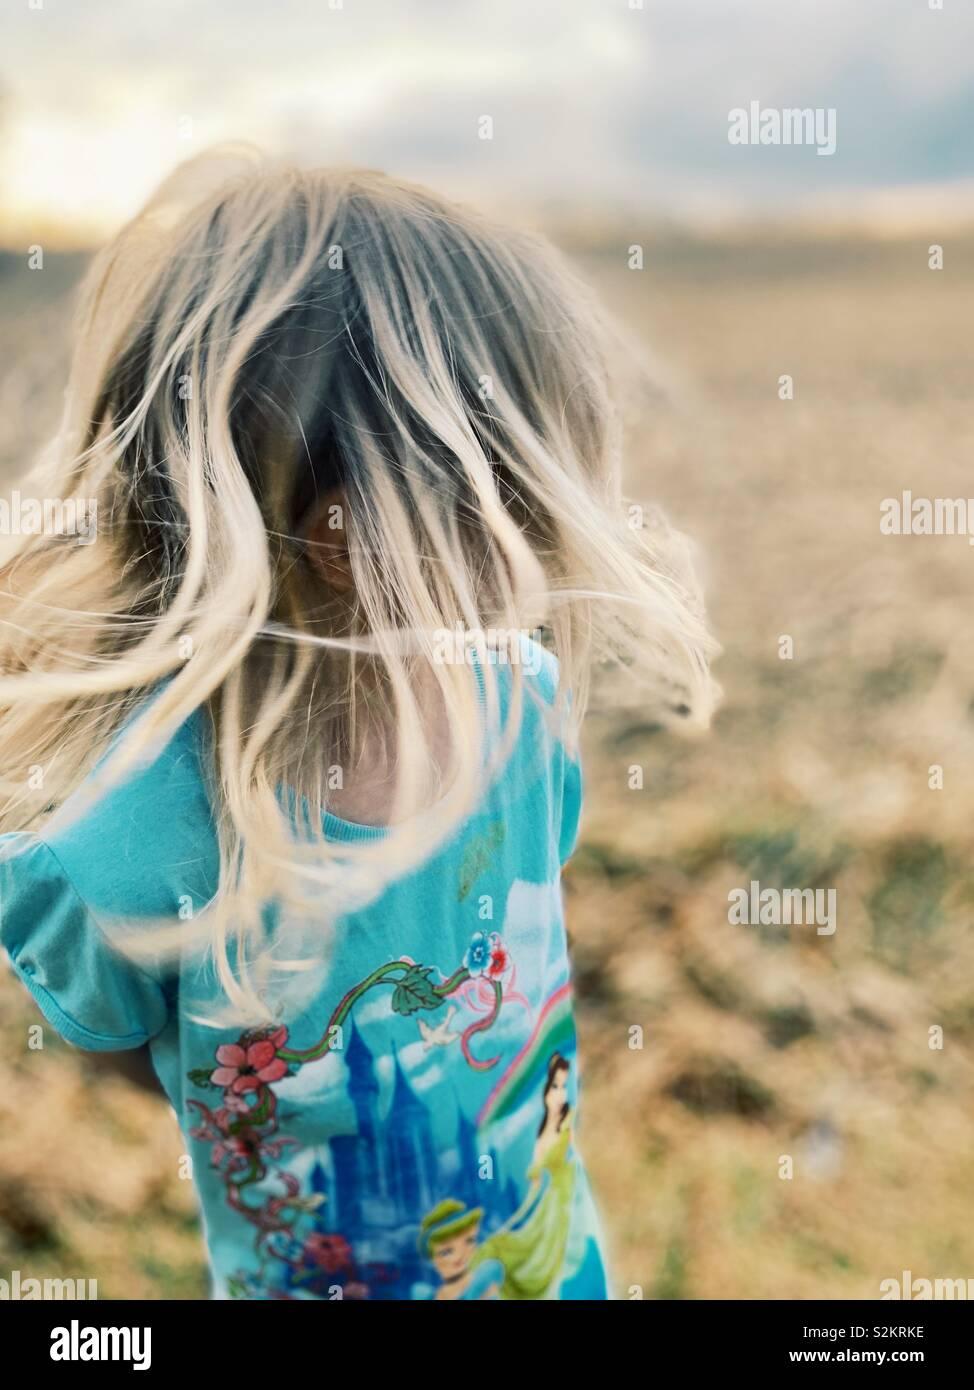 La ragazza con i capelli biondi in un campo. Foto Stock